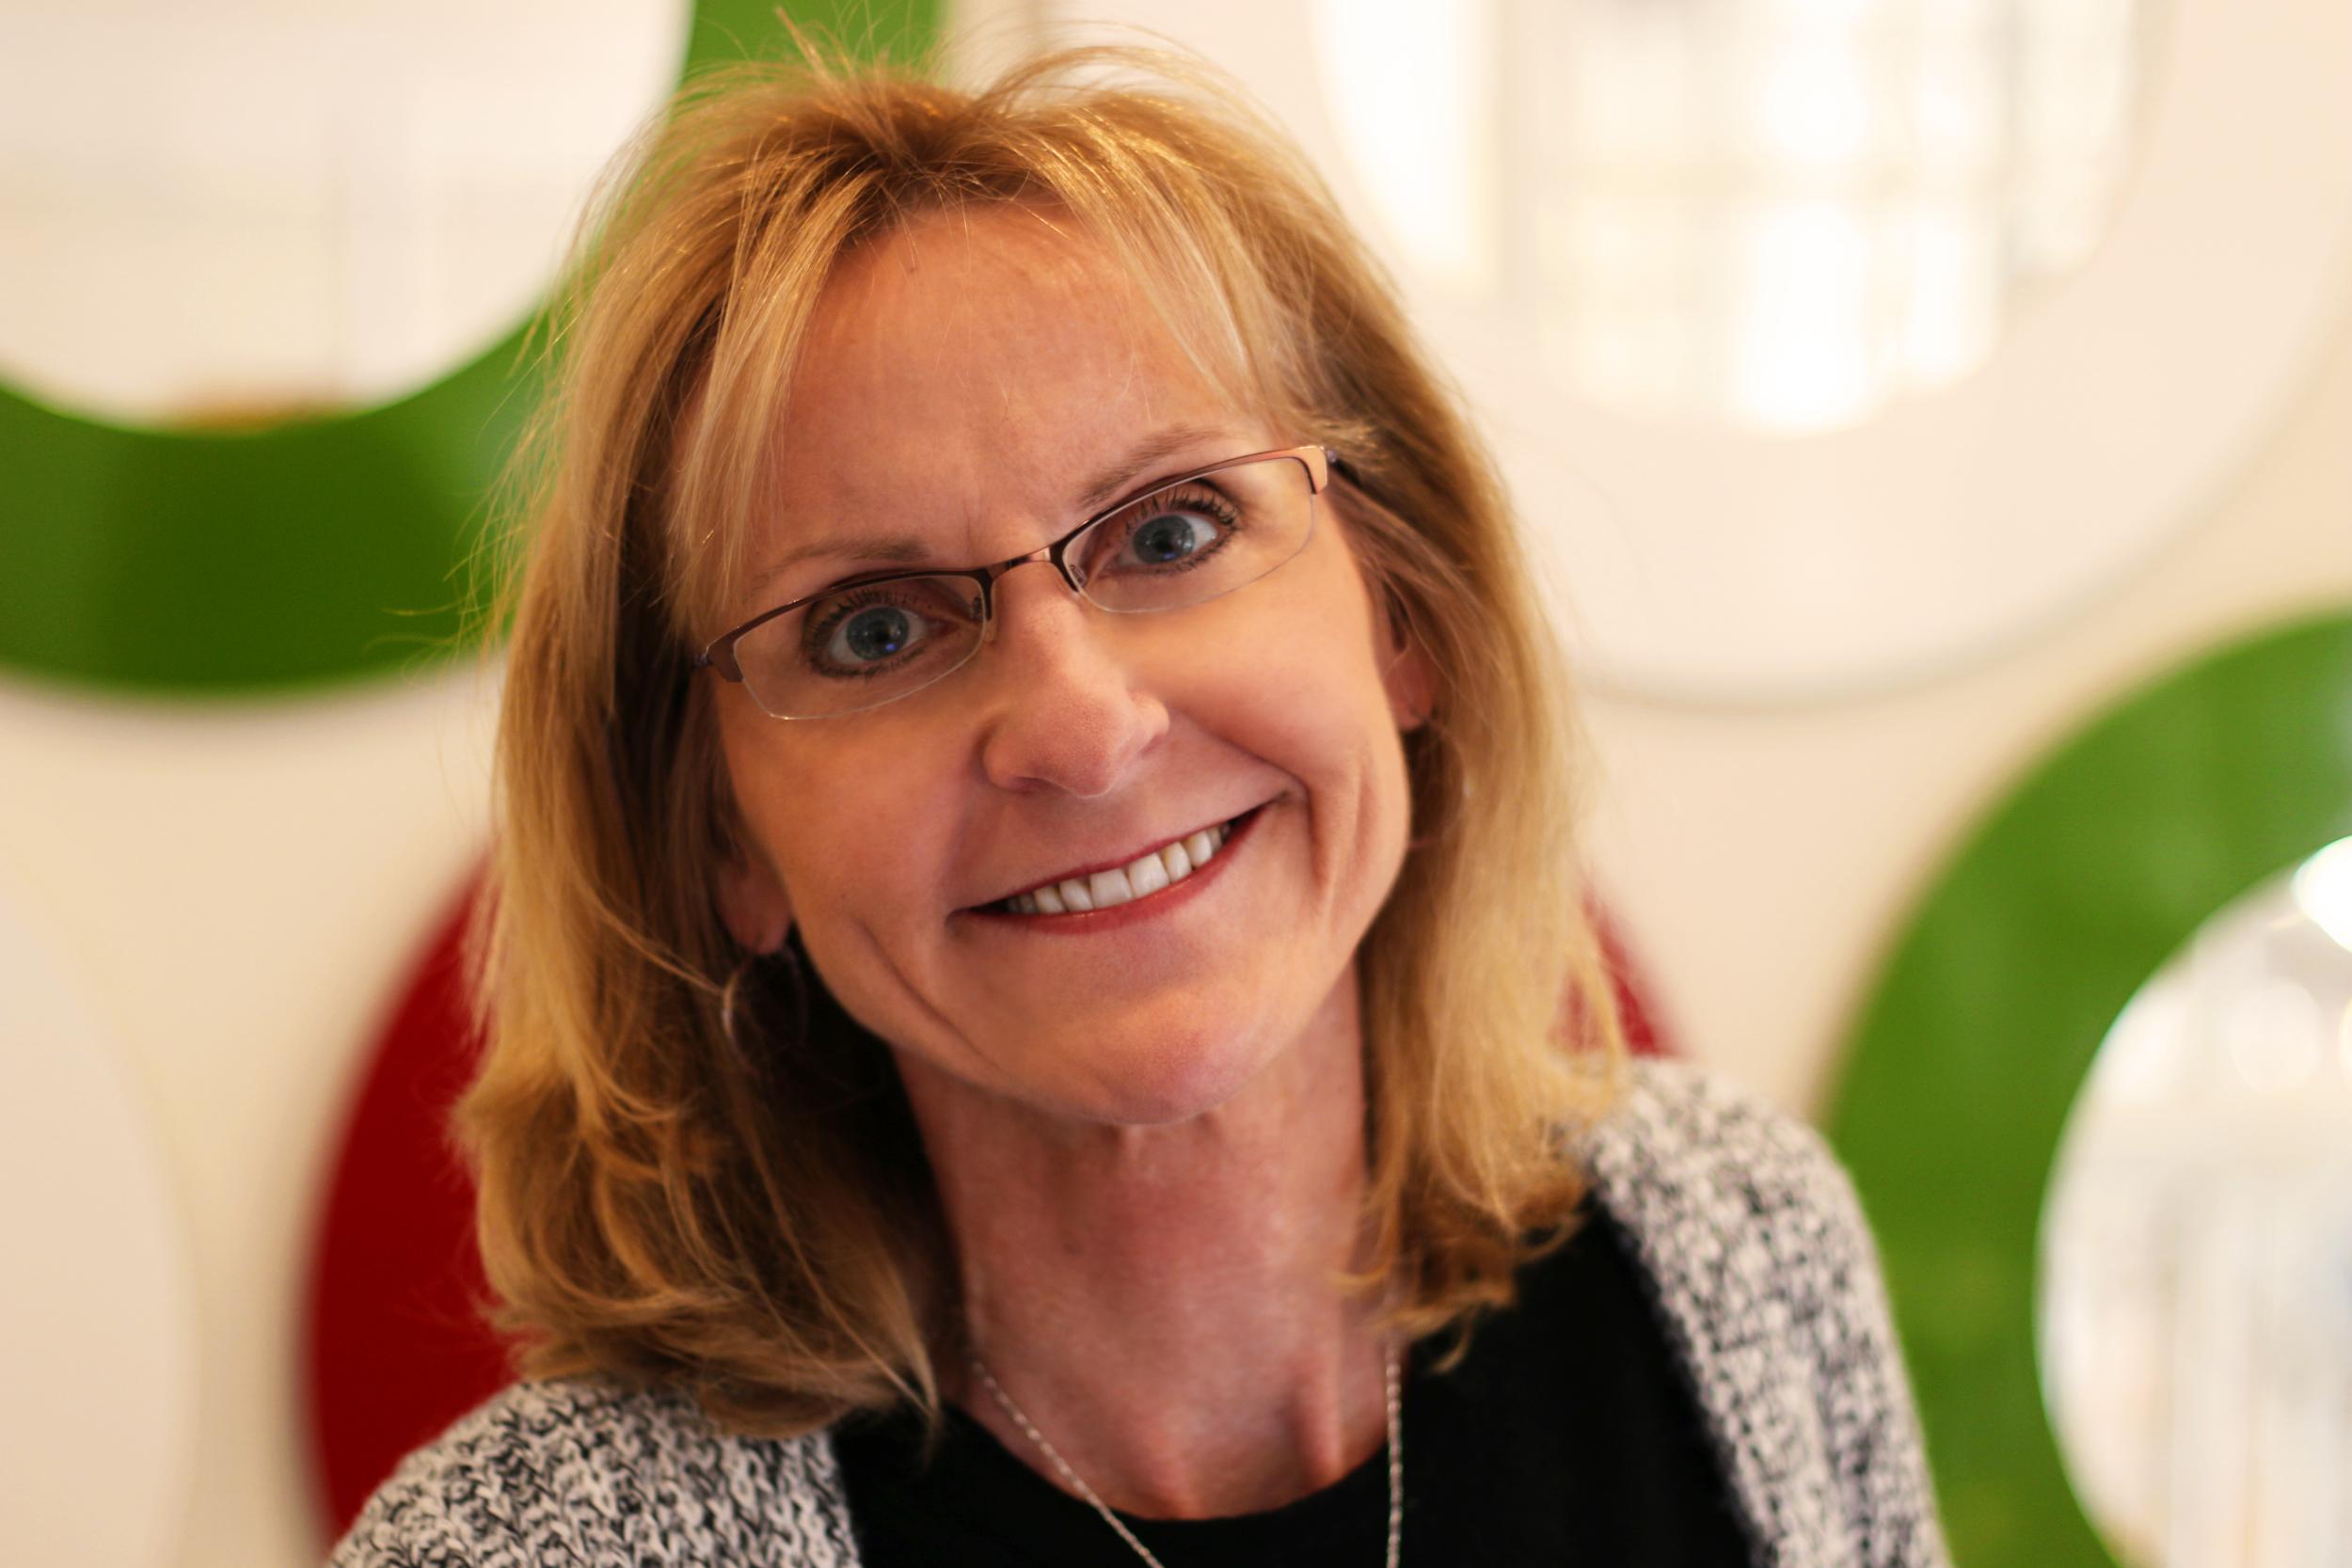 Susan Baxter